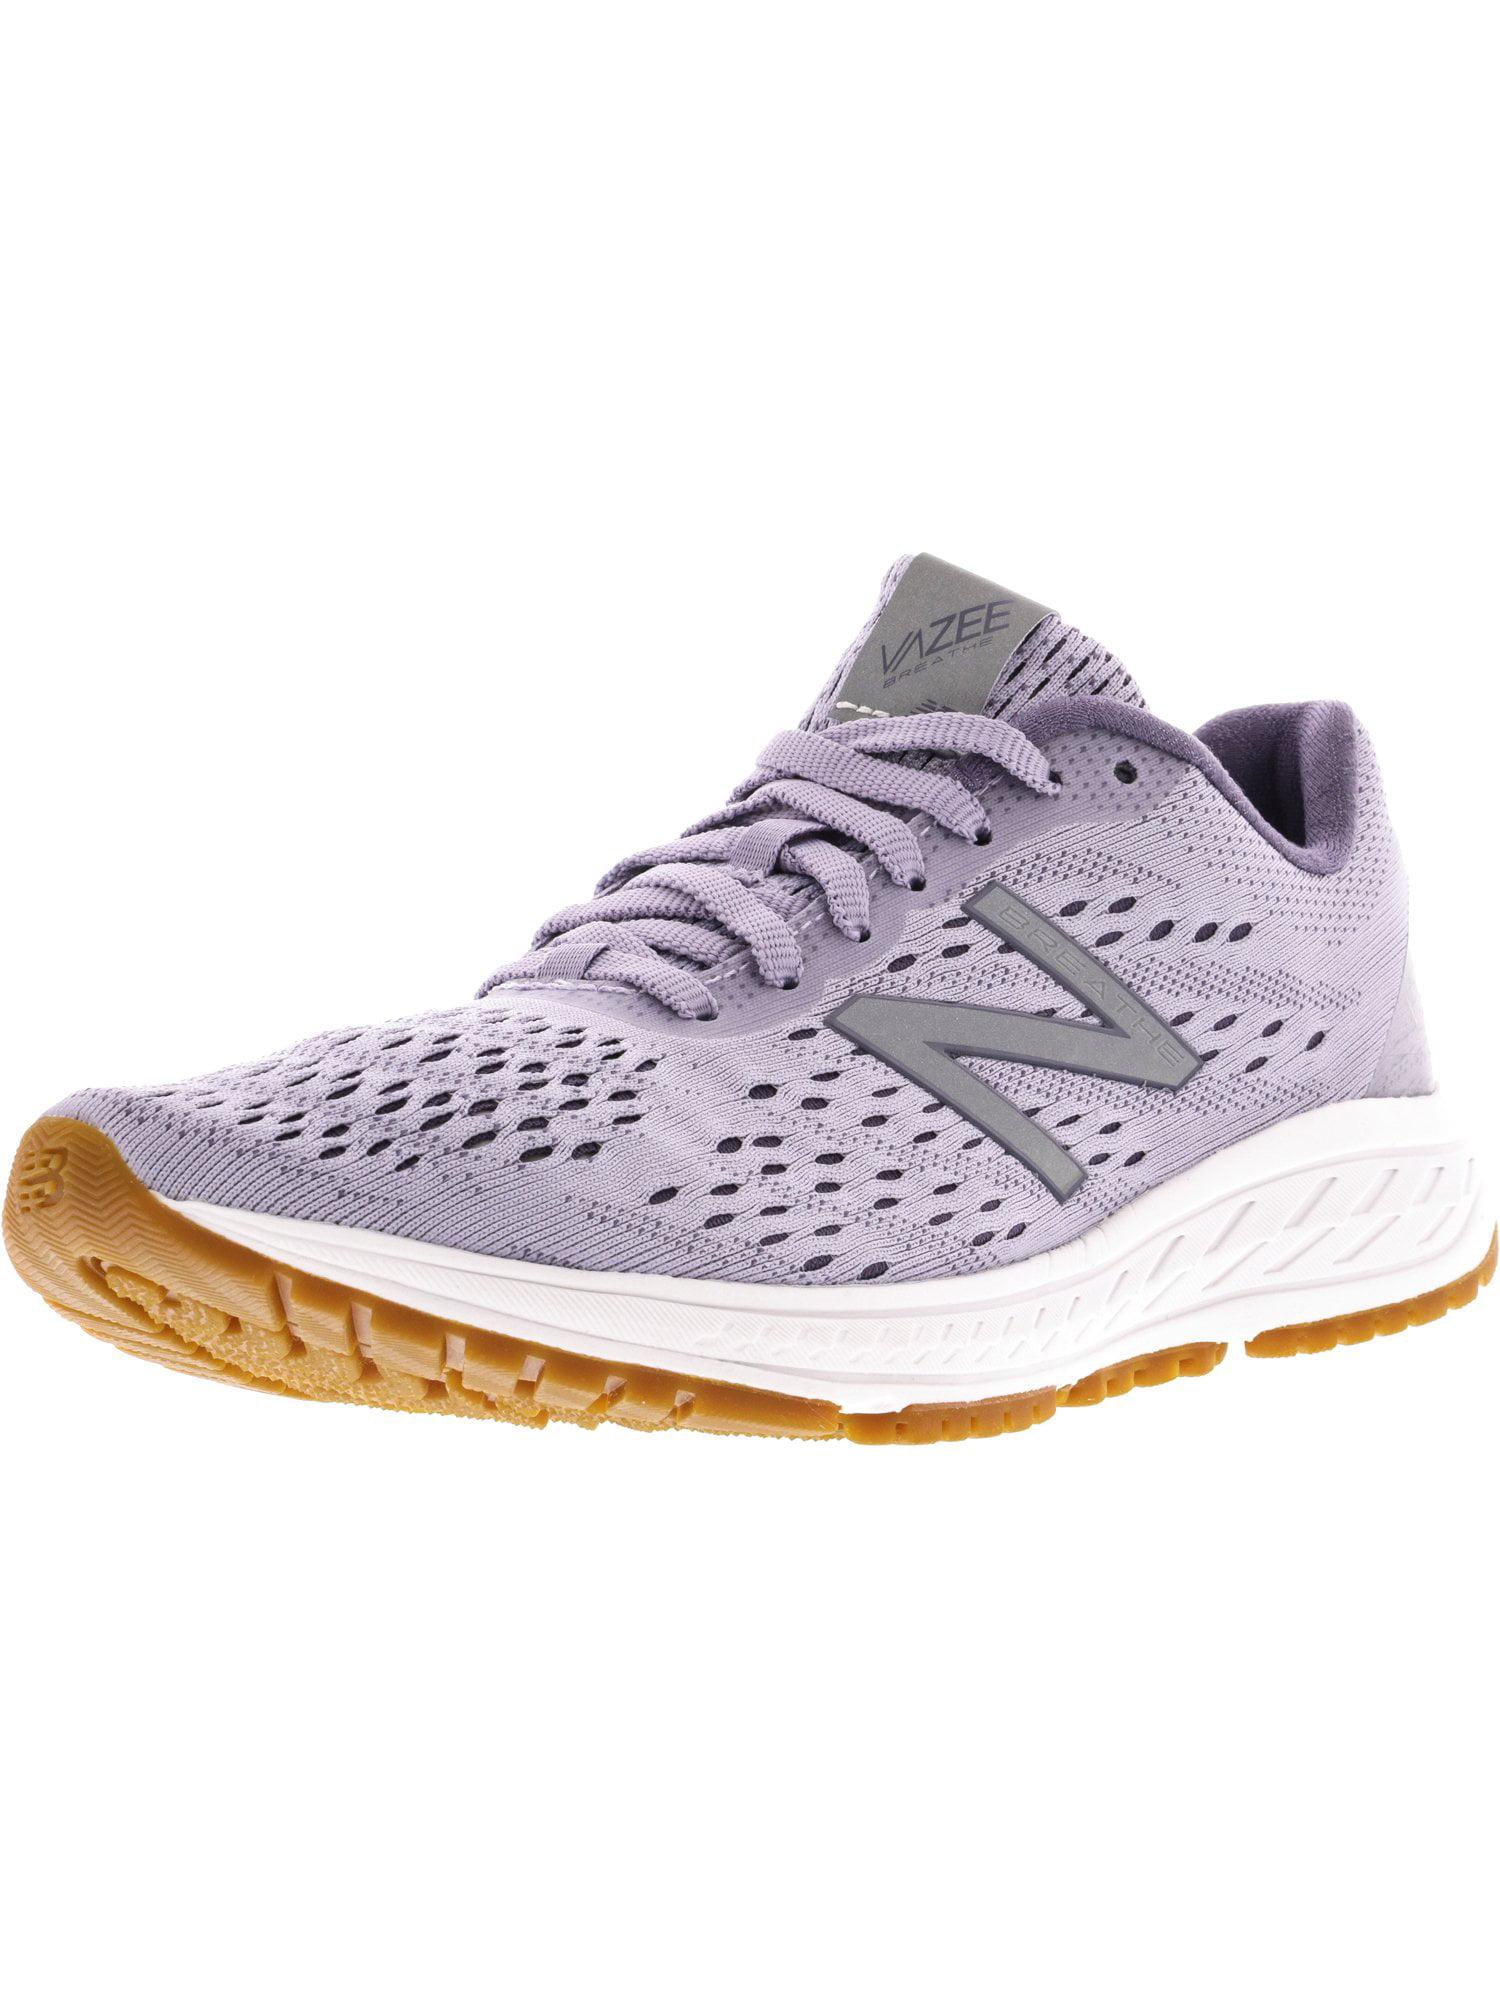 New Balance Women's Wbre Ahl2 Ankle-High Running Shoe - 10M